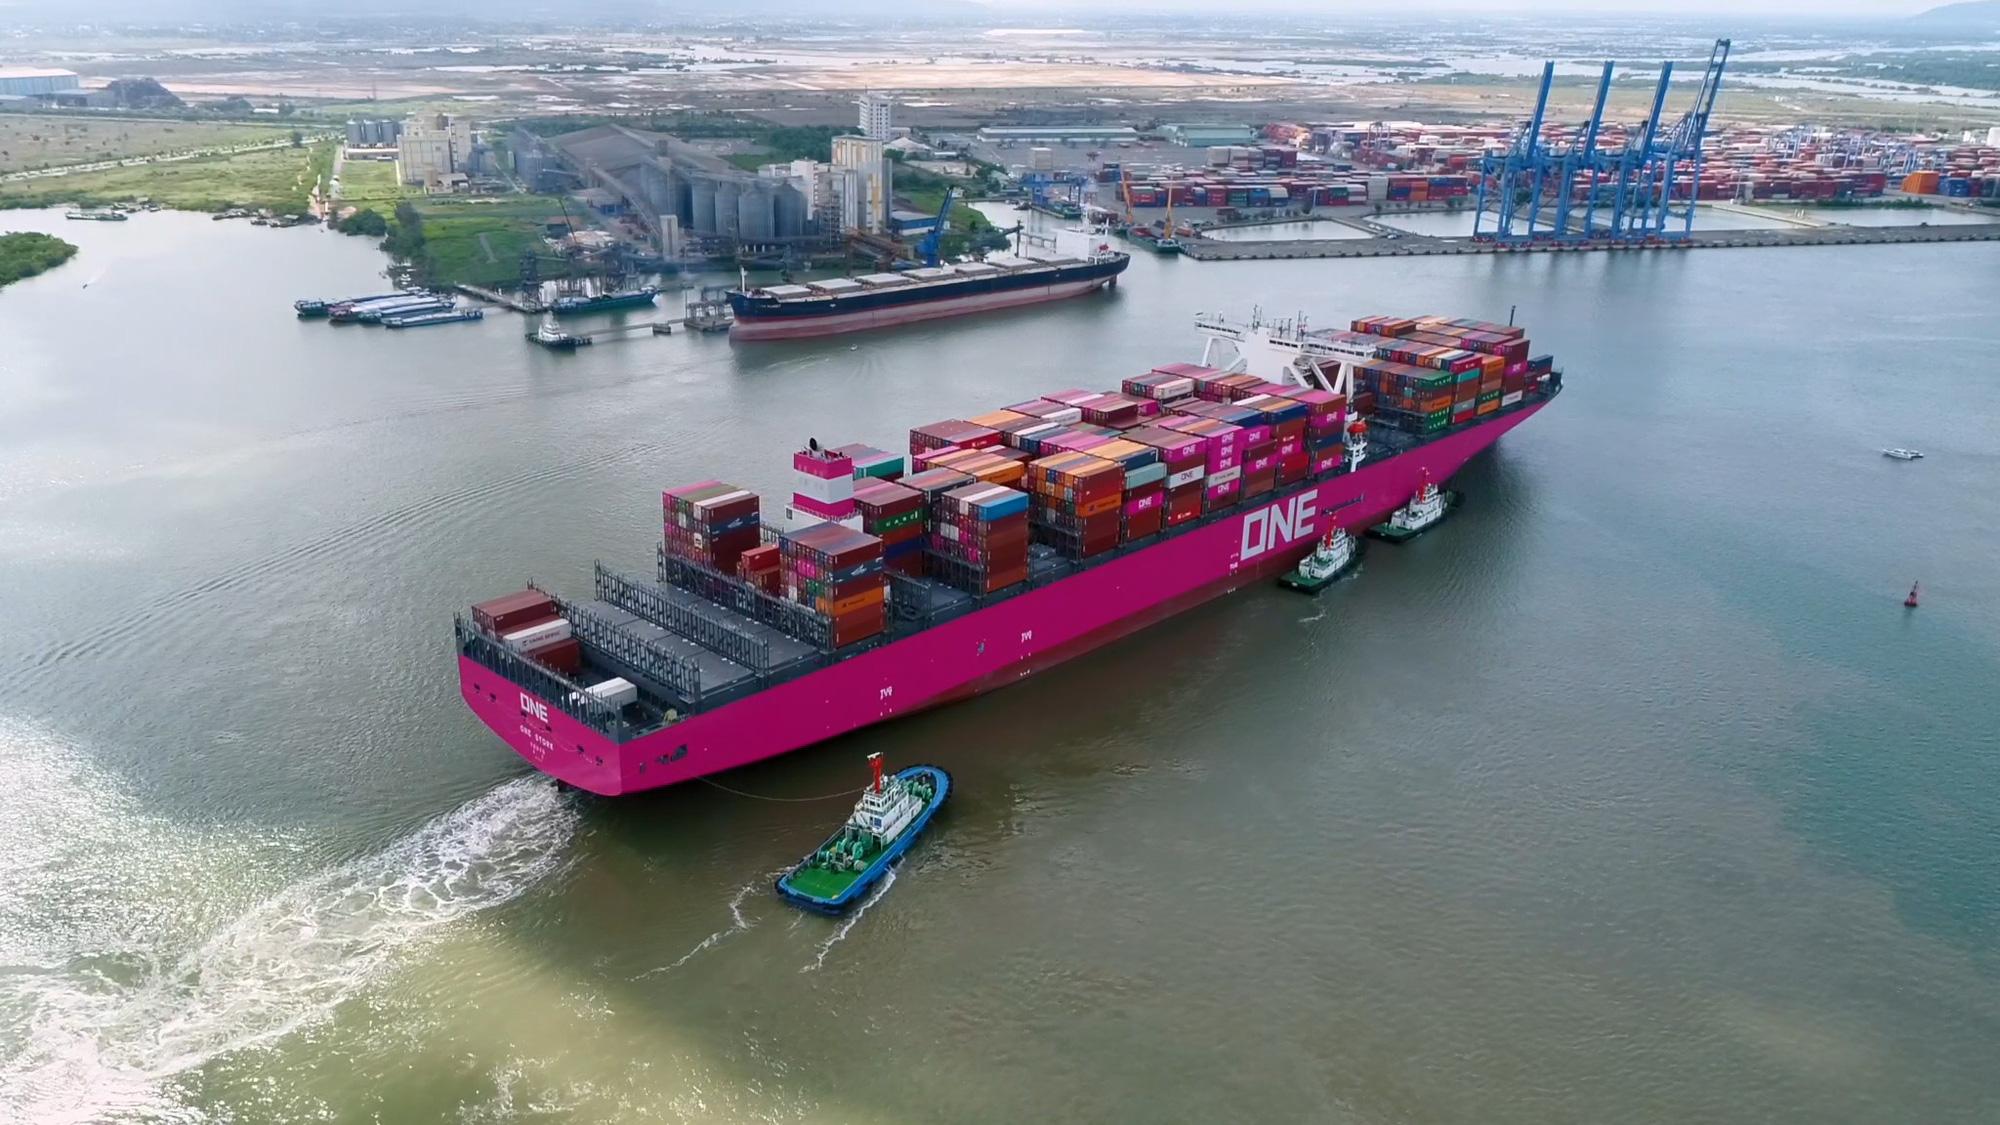 Bà Rịa-Vũng Tàu: 20.000 tỷ kết nối cảng Cái Mép-Thị Vải với khu vực - Ảnh 2.